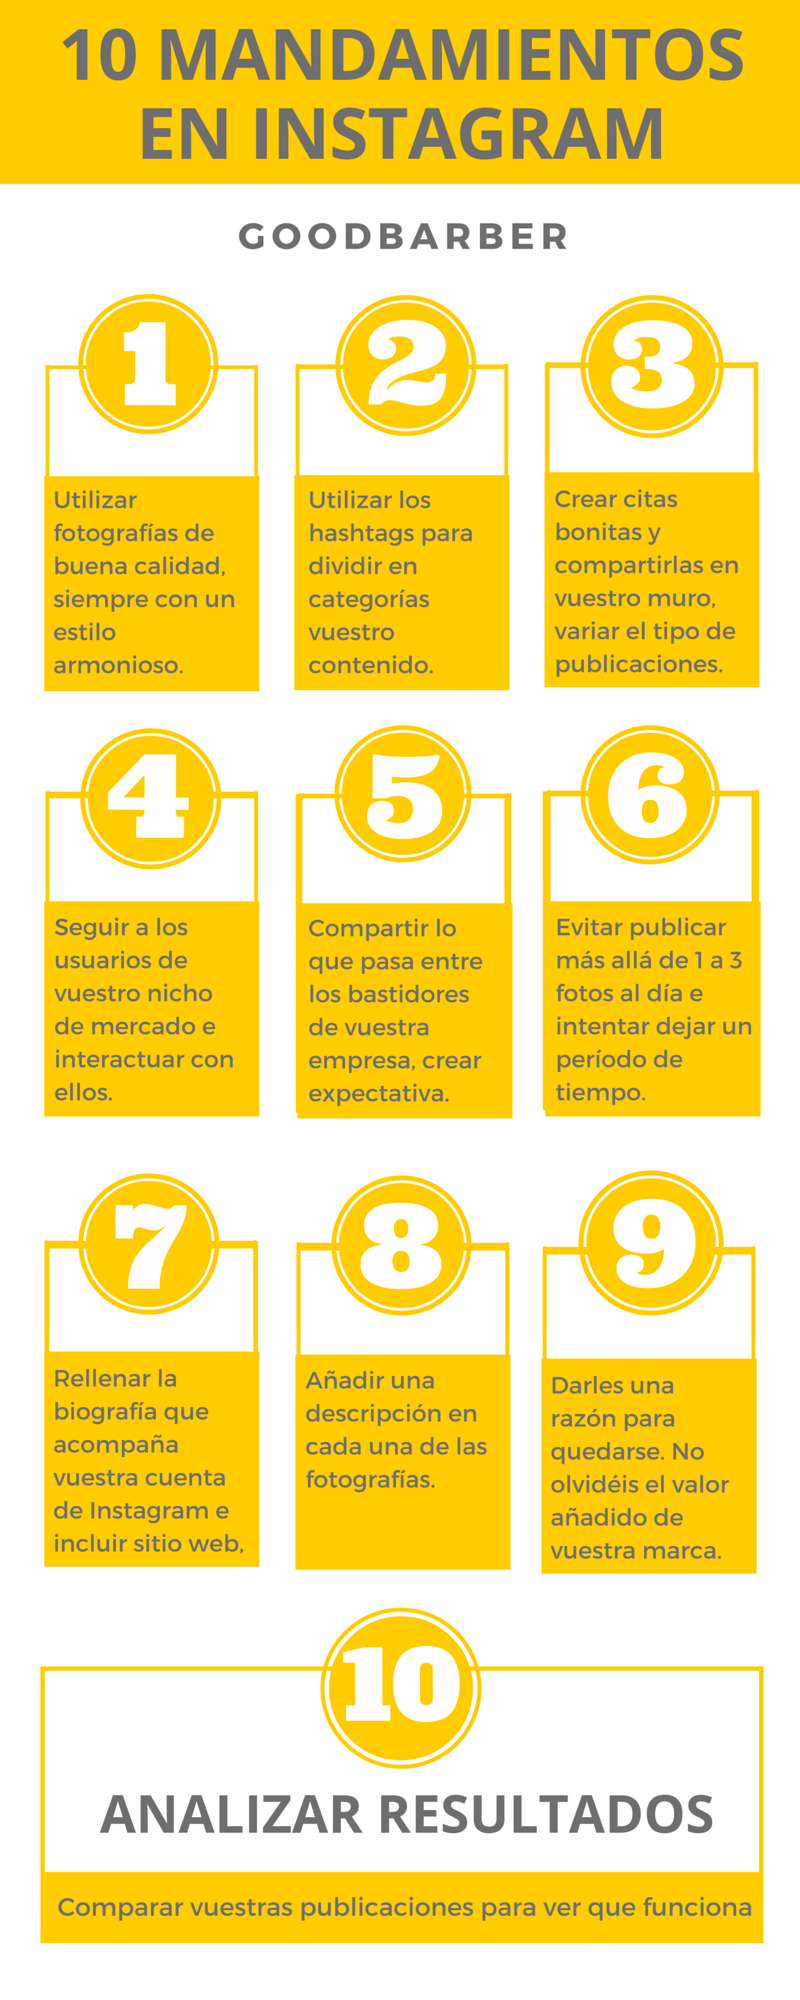 Los 10 mandamientos de las marcas en Instagram